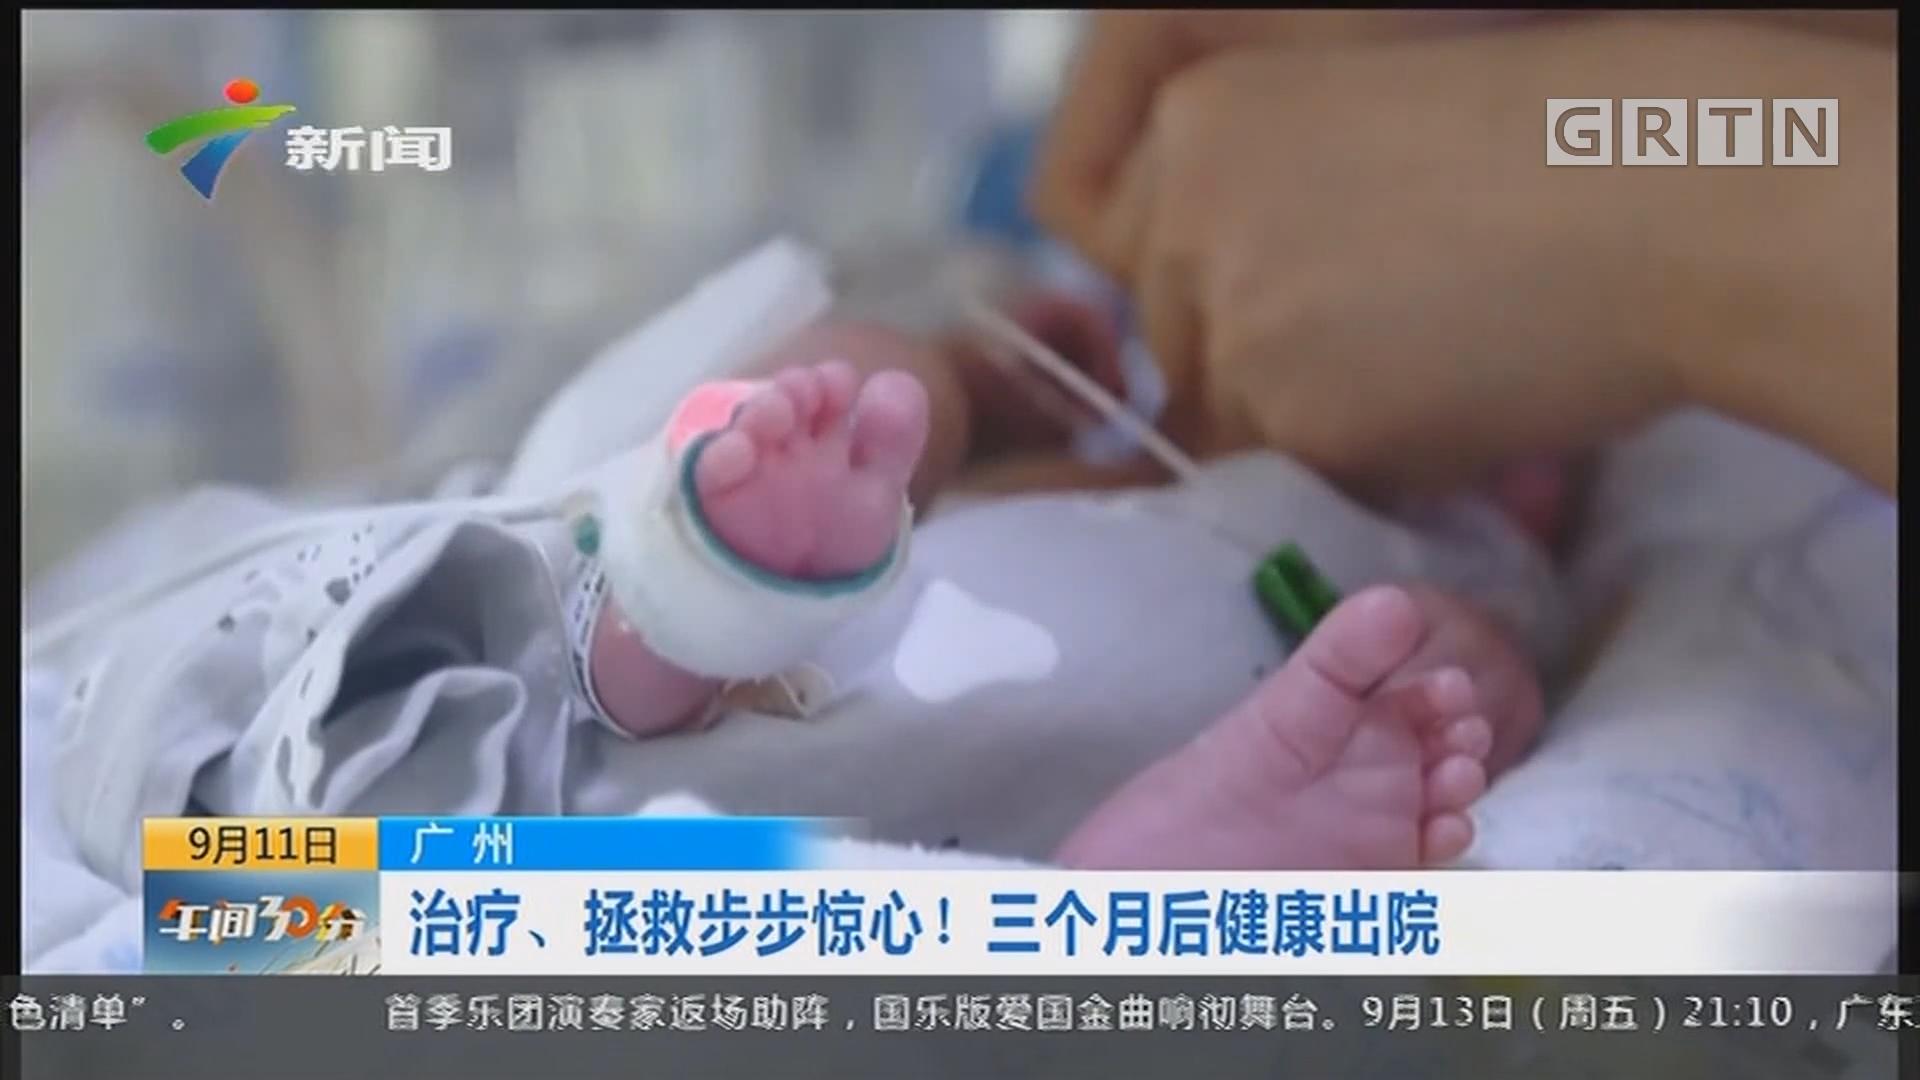 """廣州:出生僅一斤多 超早產""""巴掌寶寶""""奇跡存活"""